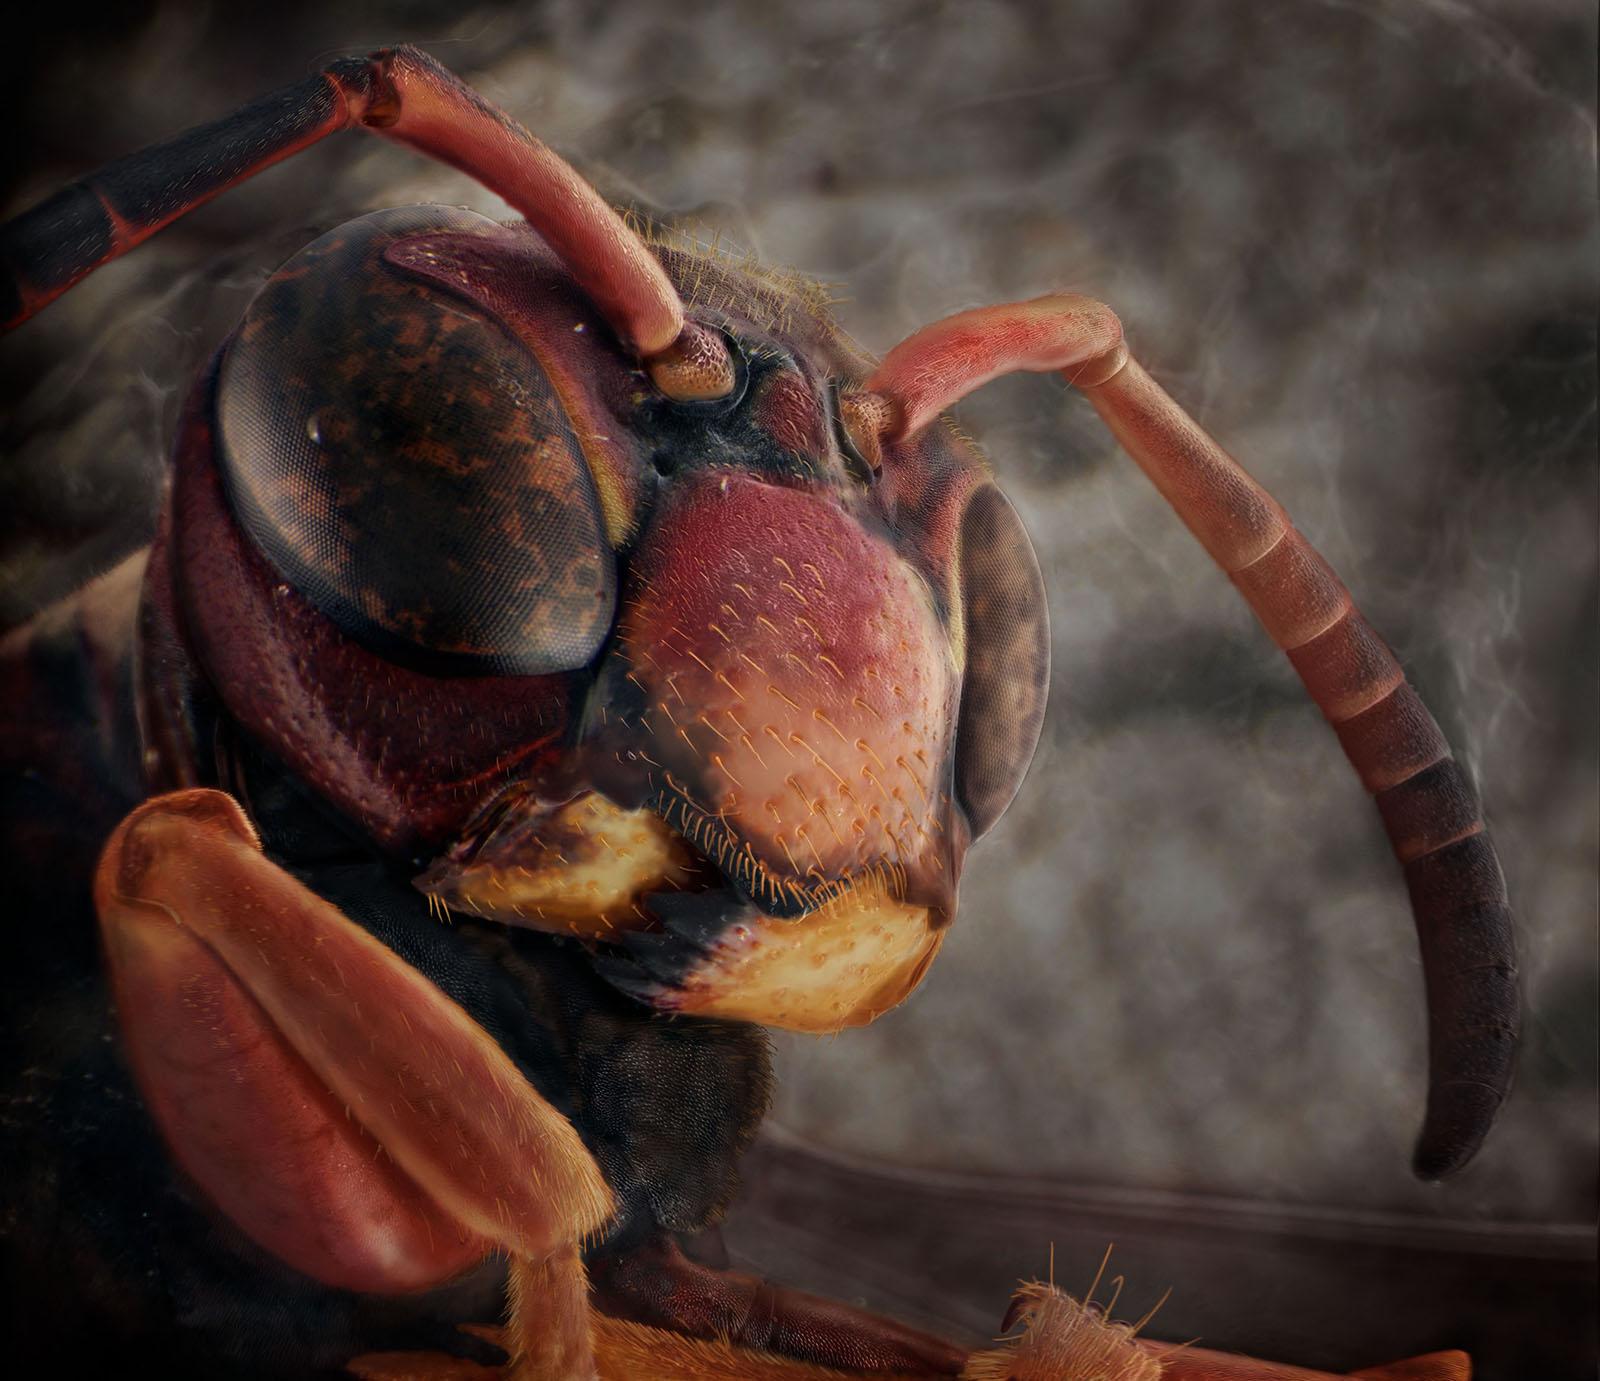 Back Porch Screen Door, August 23rd [Black and Brown Paper Wasp],2014 © Daniel Kariko